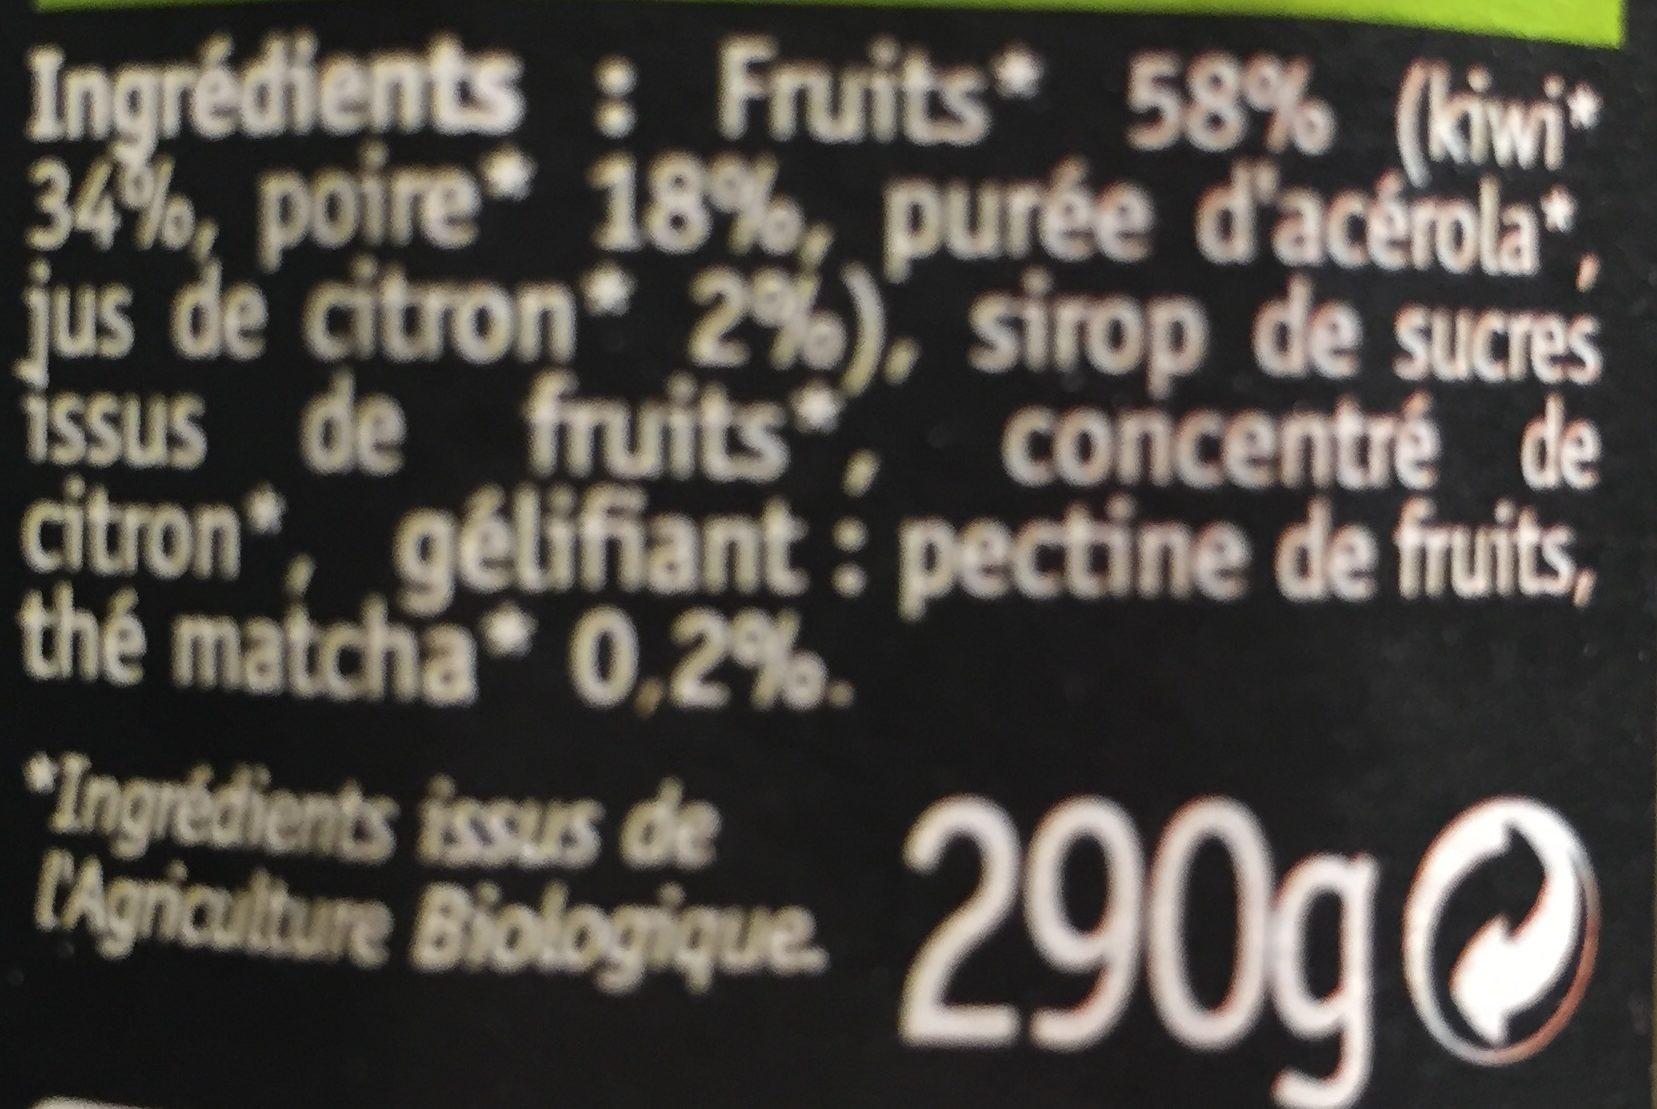 Kiwi poire thé matcha - Ingredientes